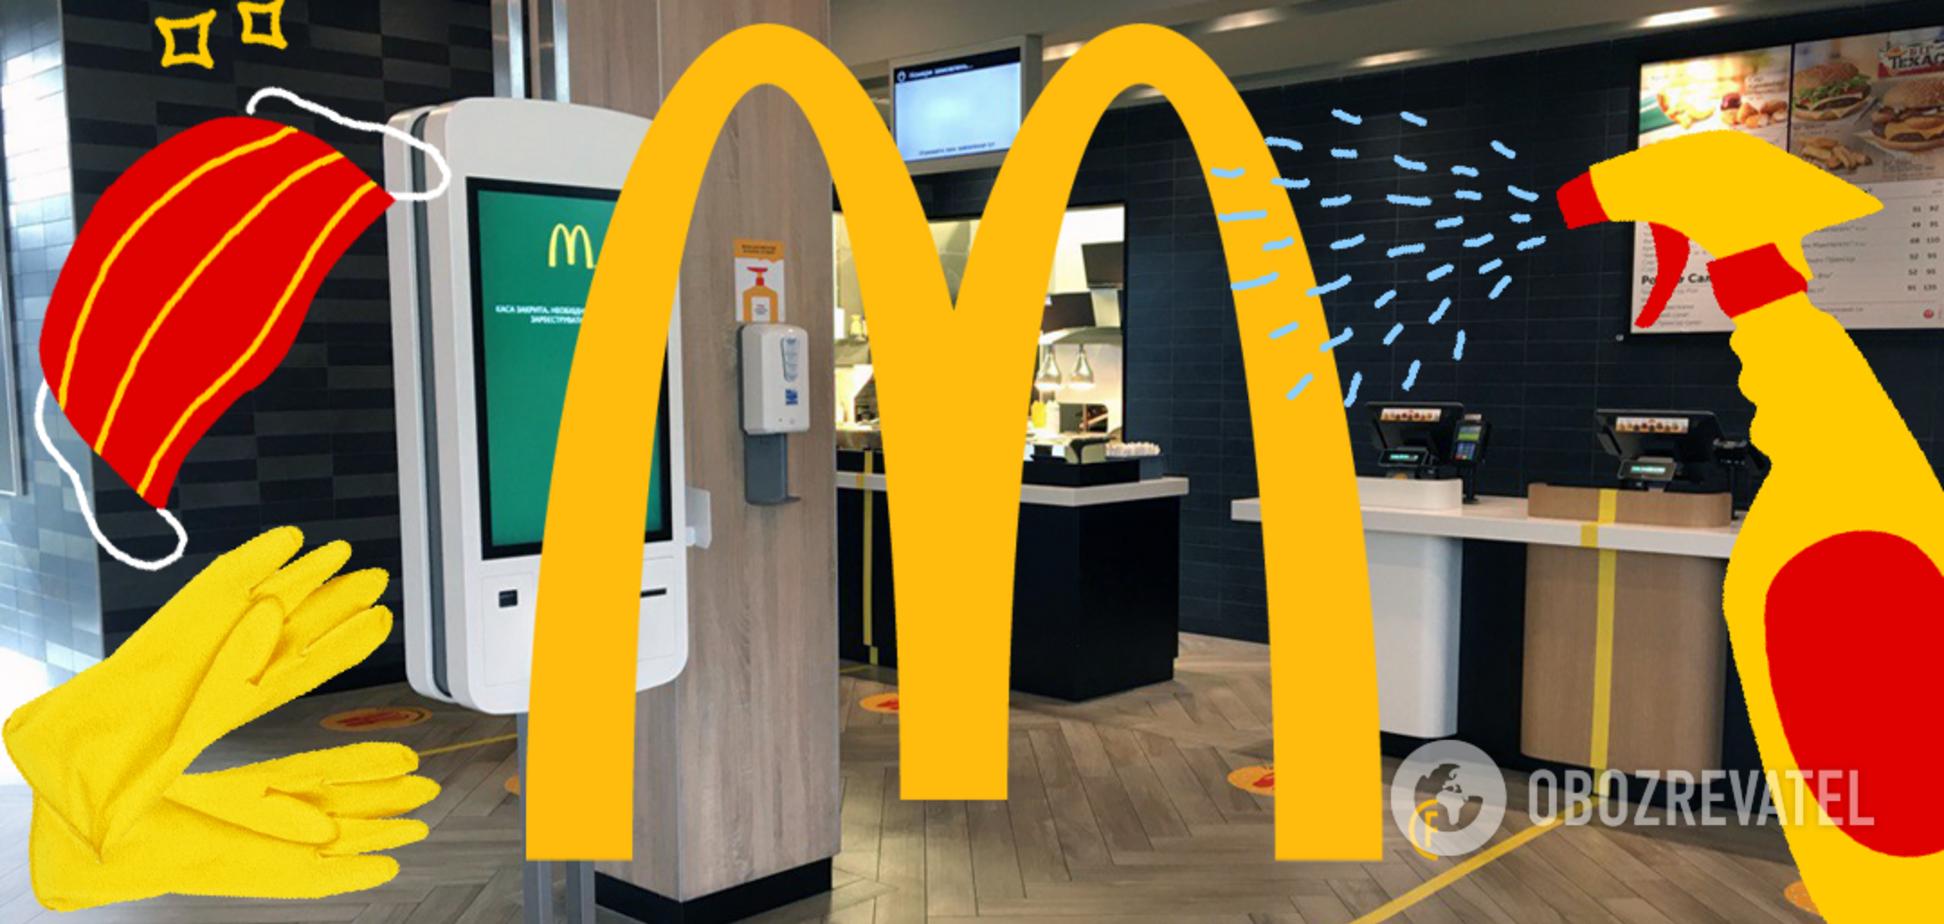 Дезинфекция и бесконтактные заказы: как МакДональдз подготовился к открытию залов ресторанов